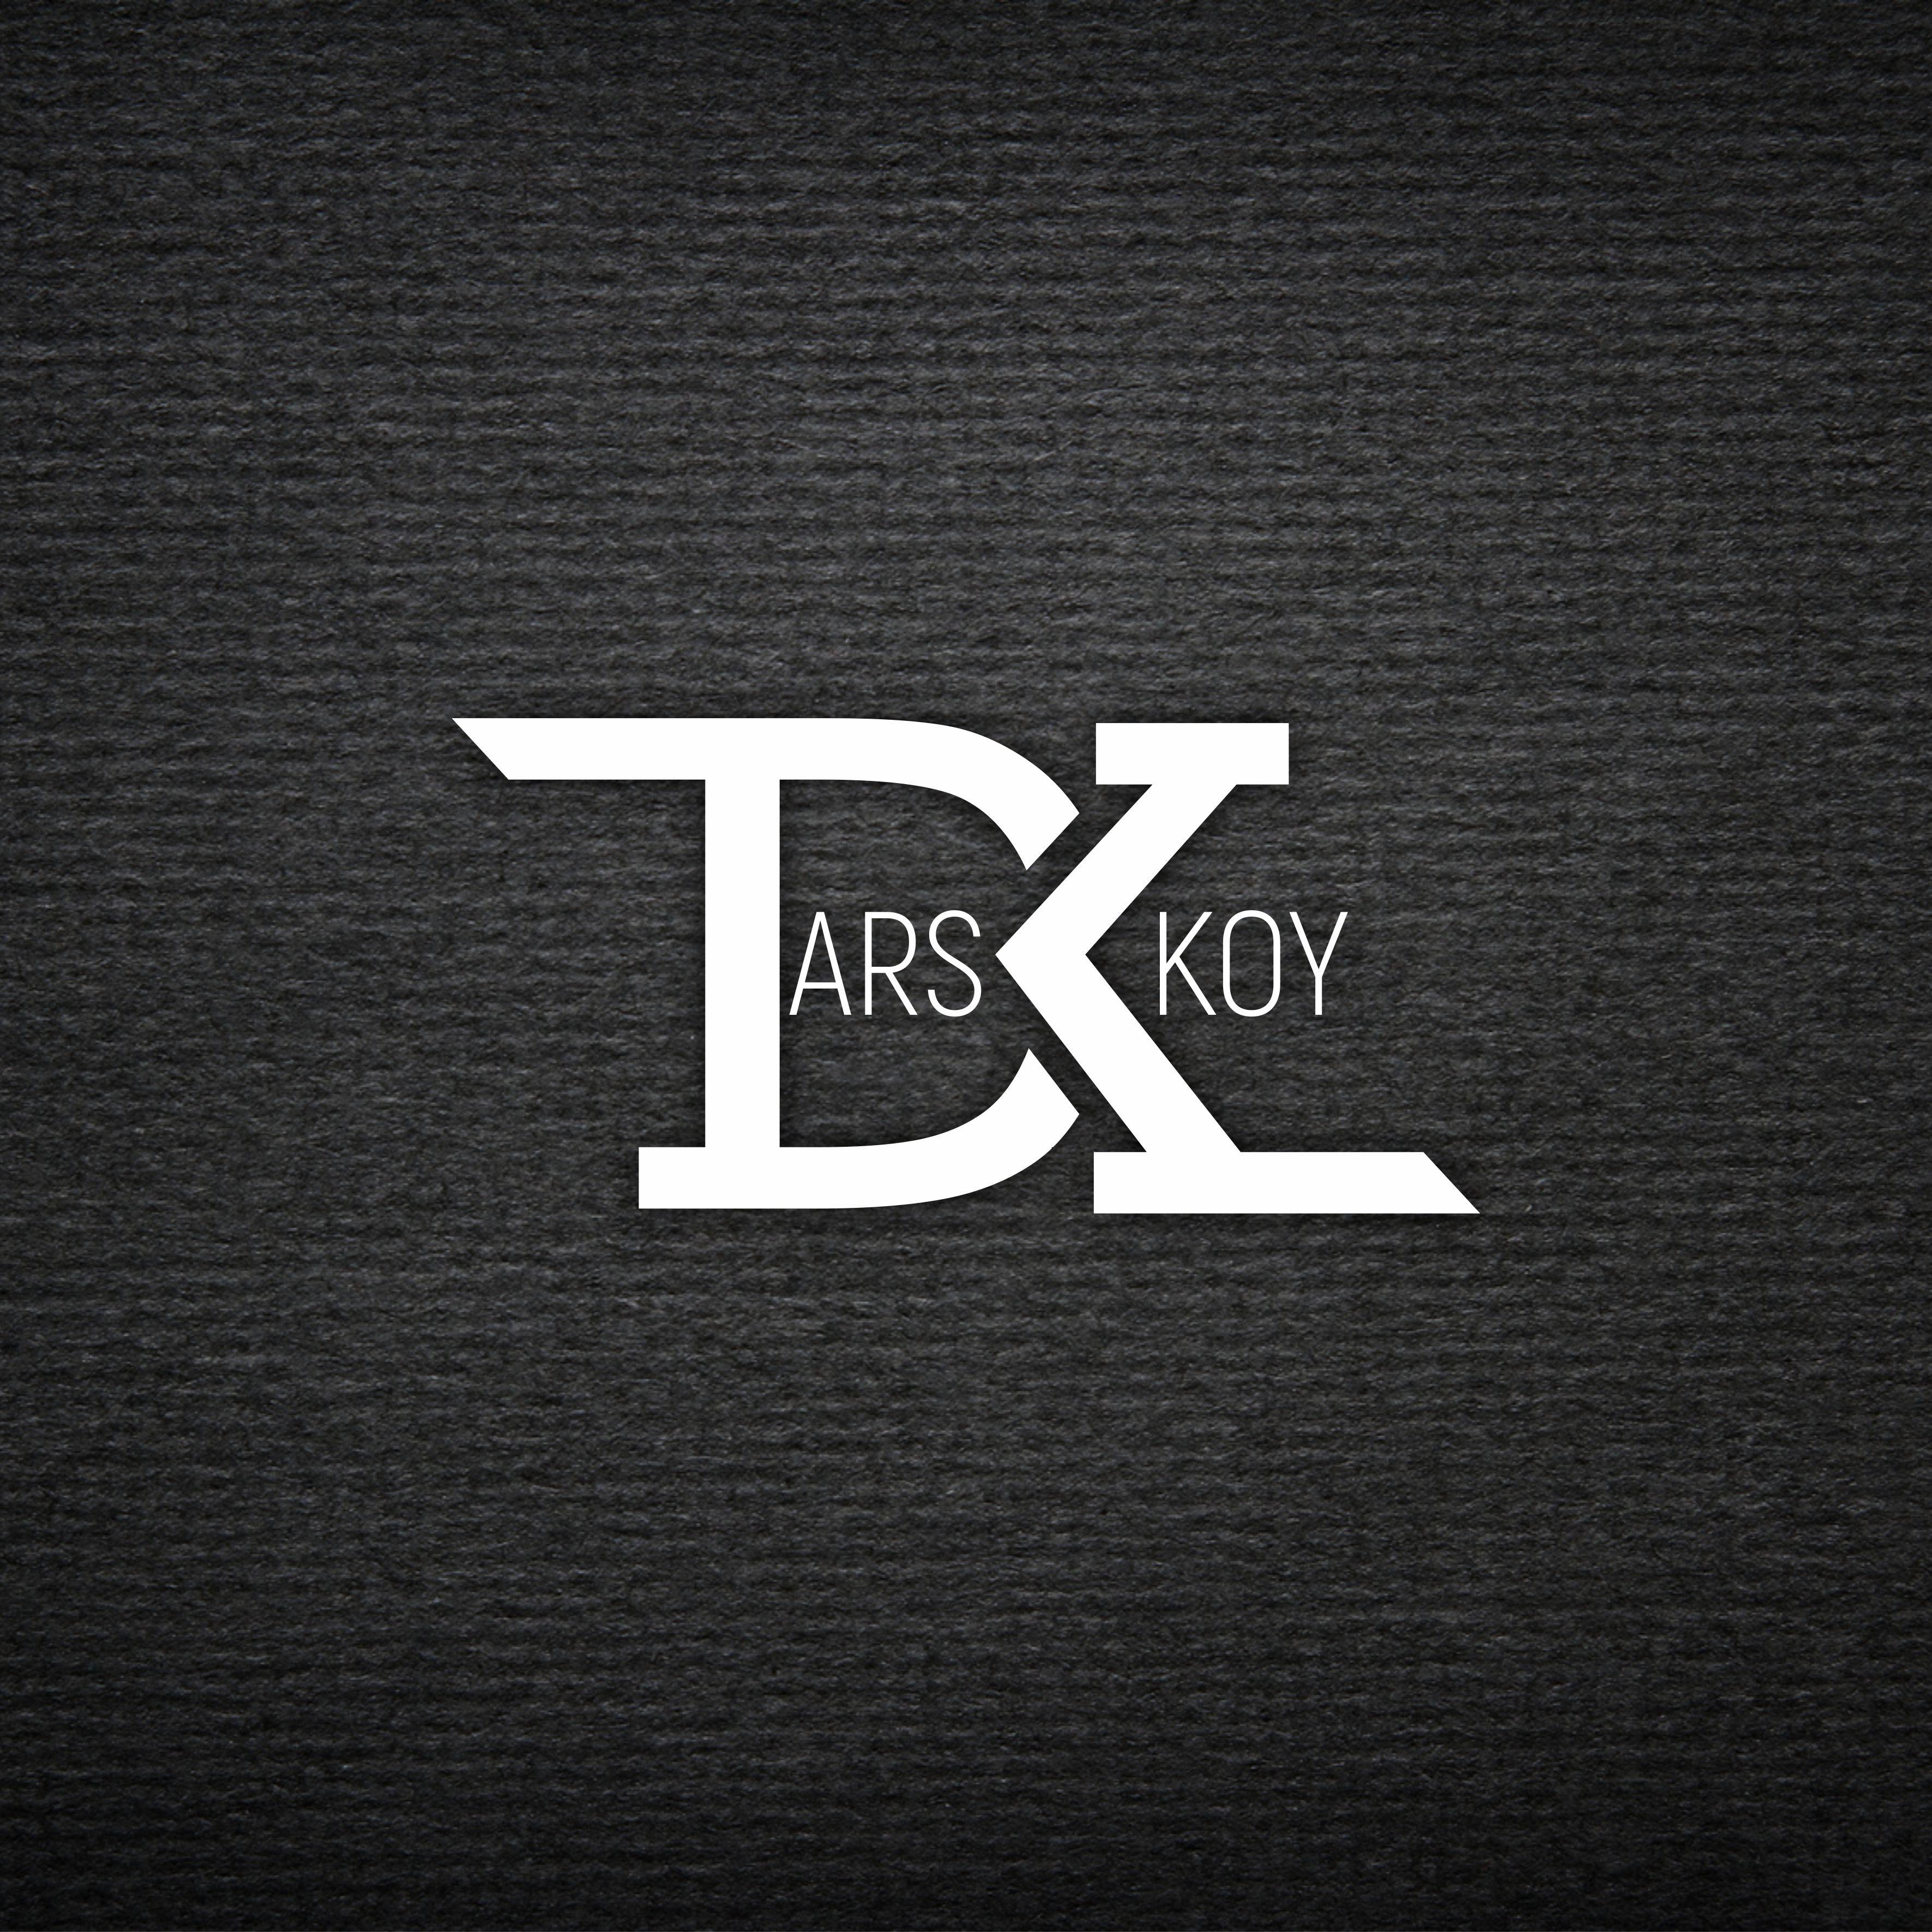 Нарисовать логотип для сольного музыкального проекта фото f_2275ba9bfee3a239.jpg